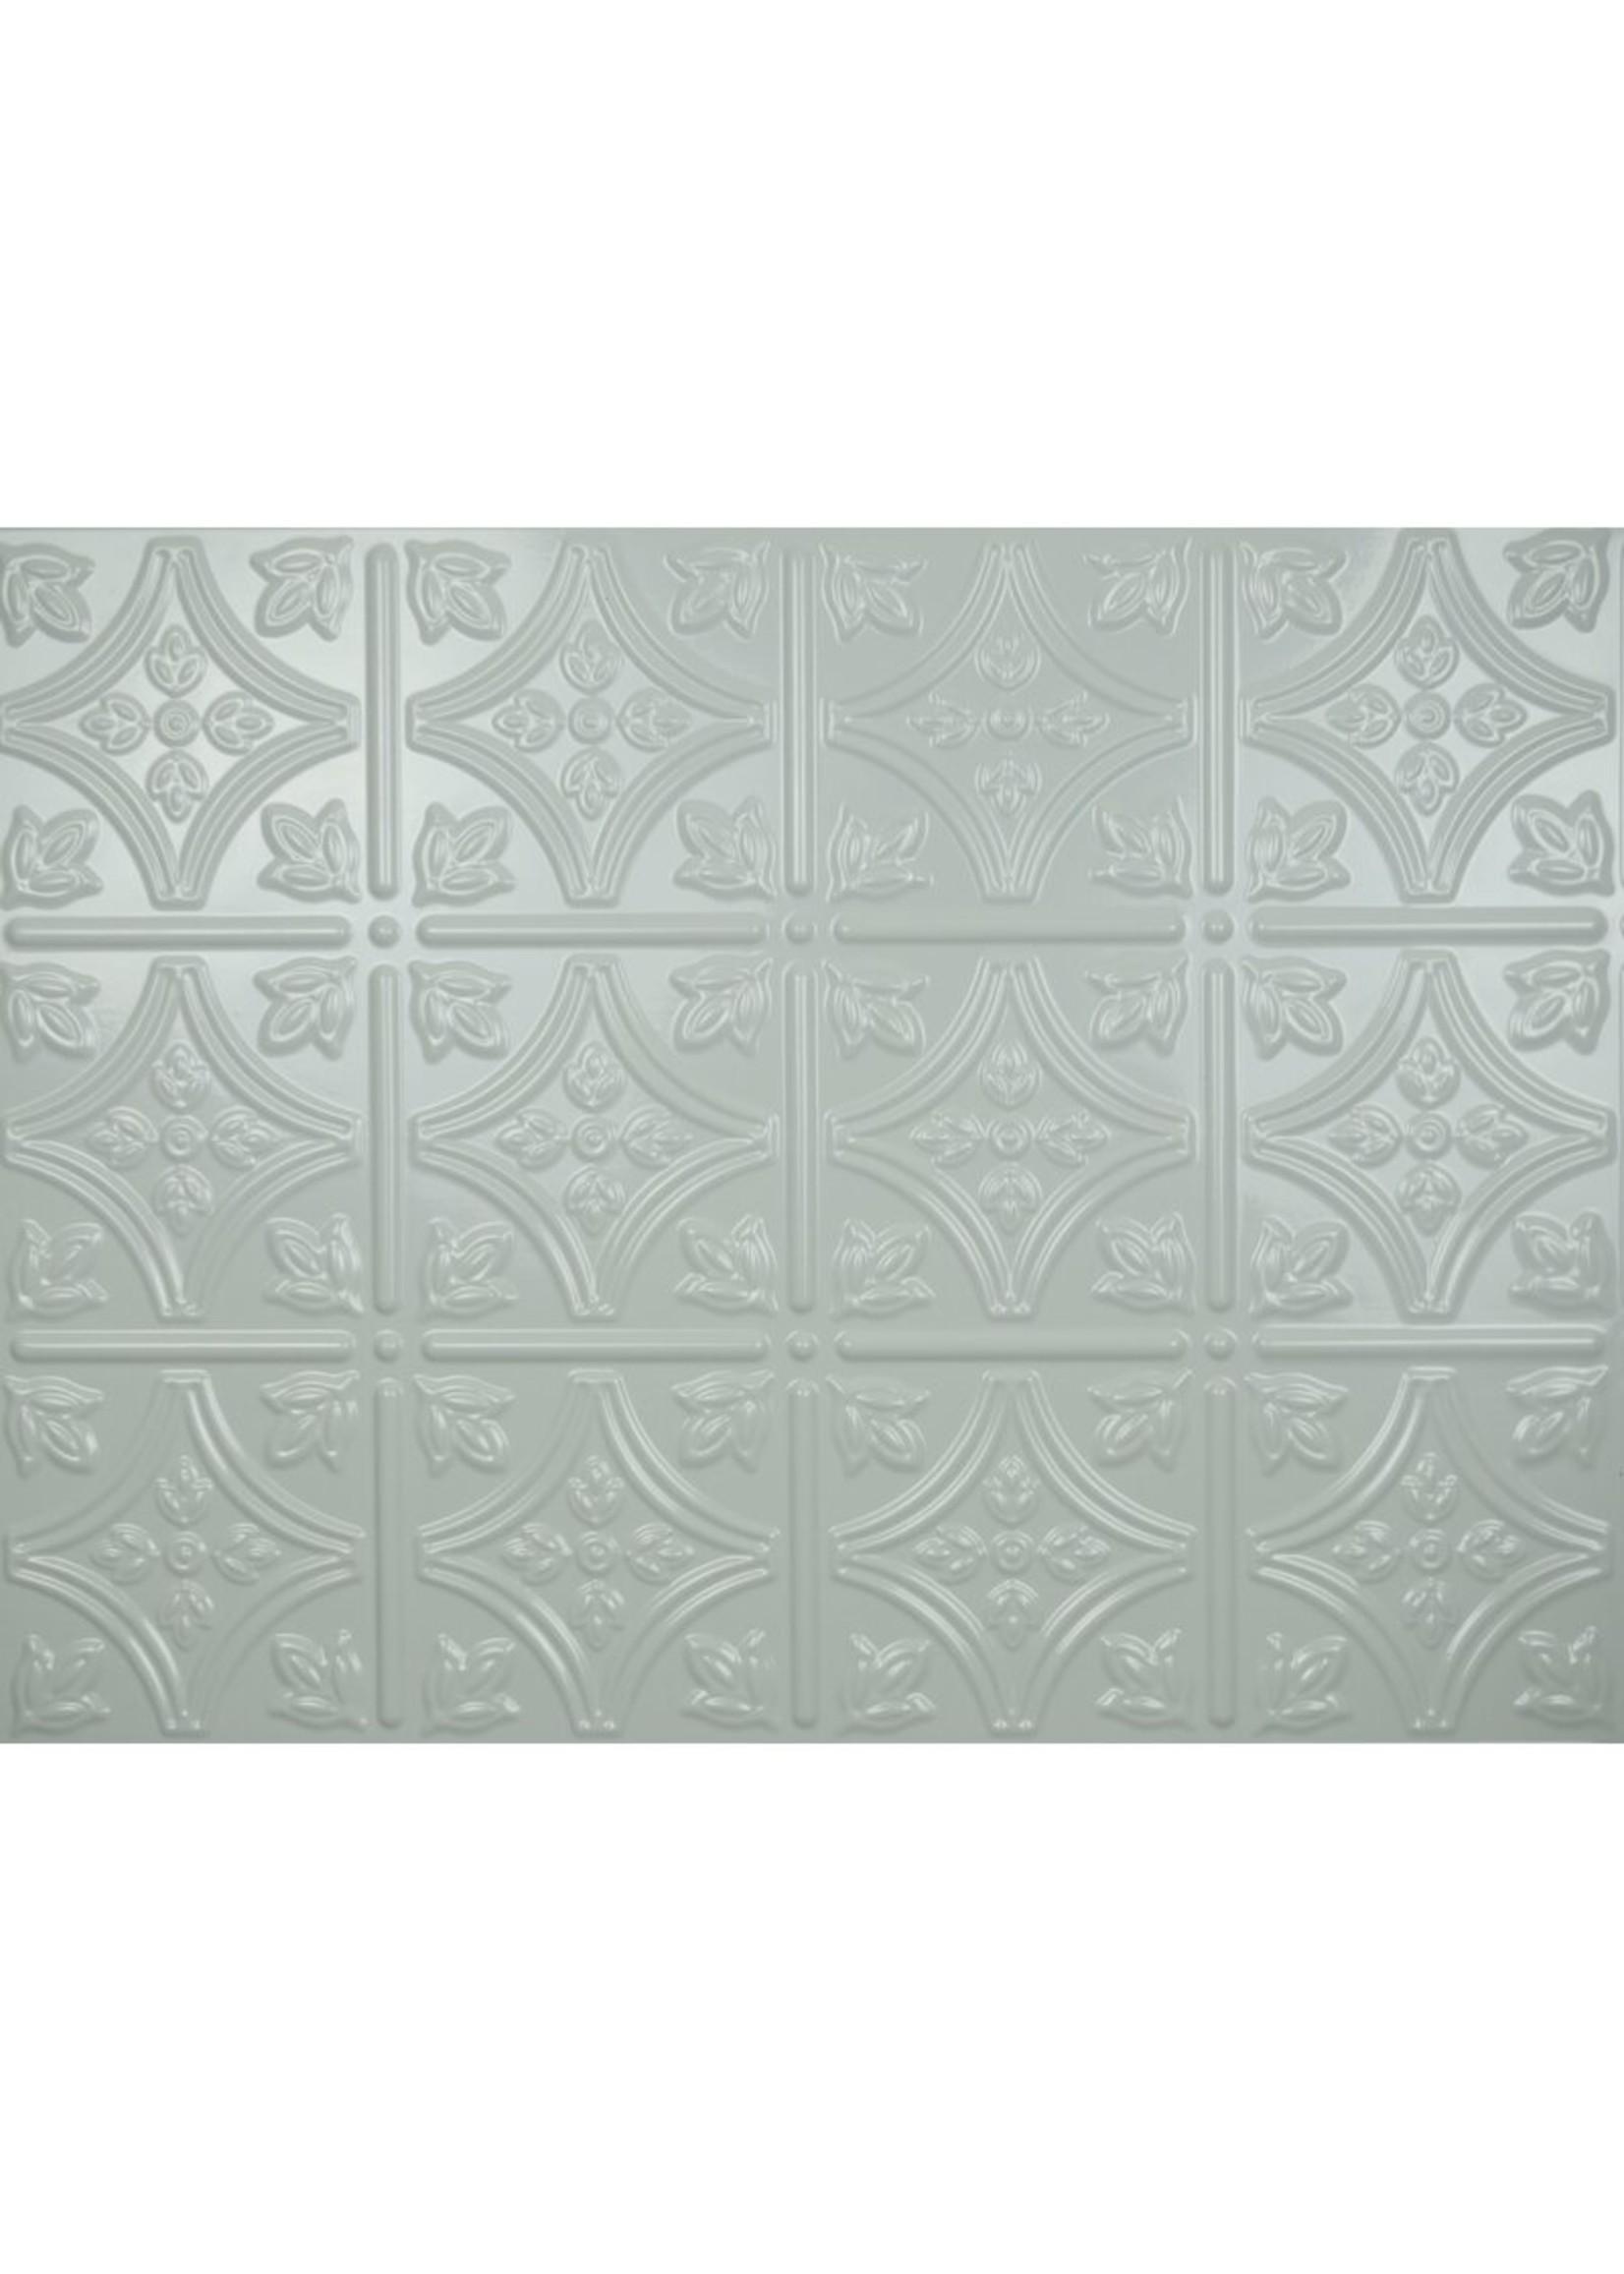 *Nala Metal Mosaic Tile Set - Set of 9